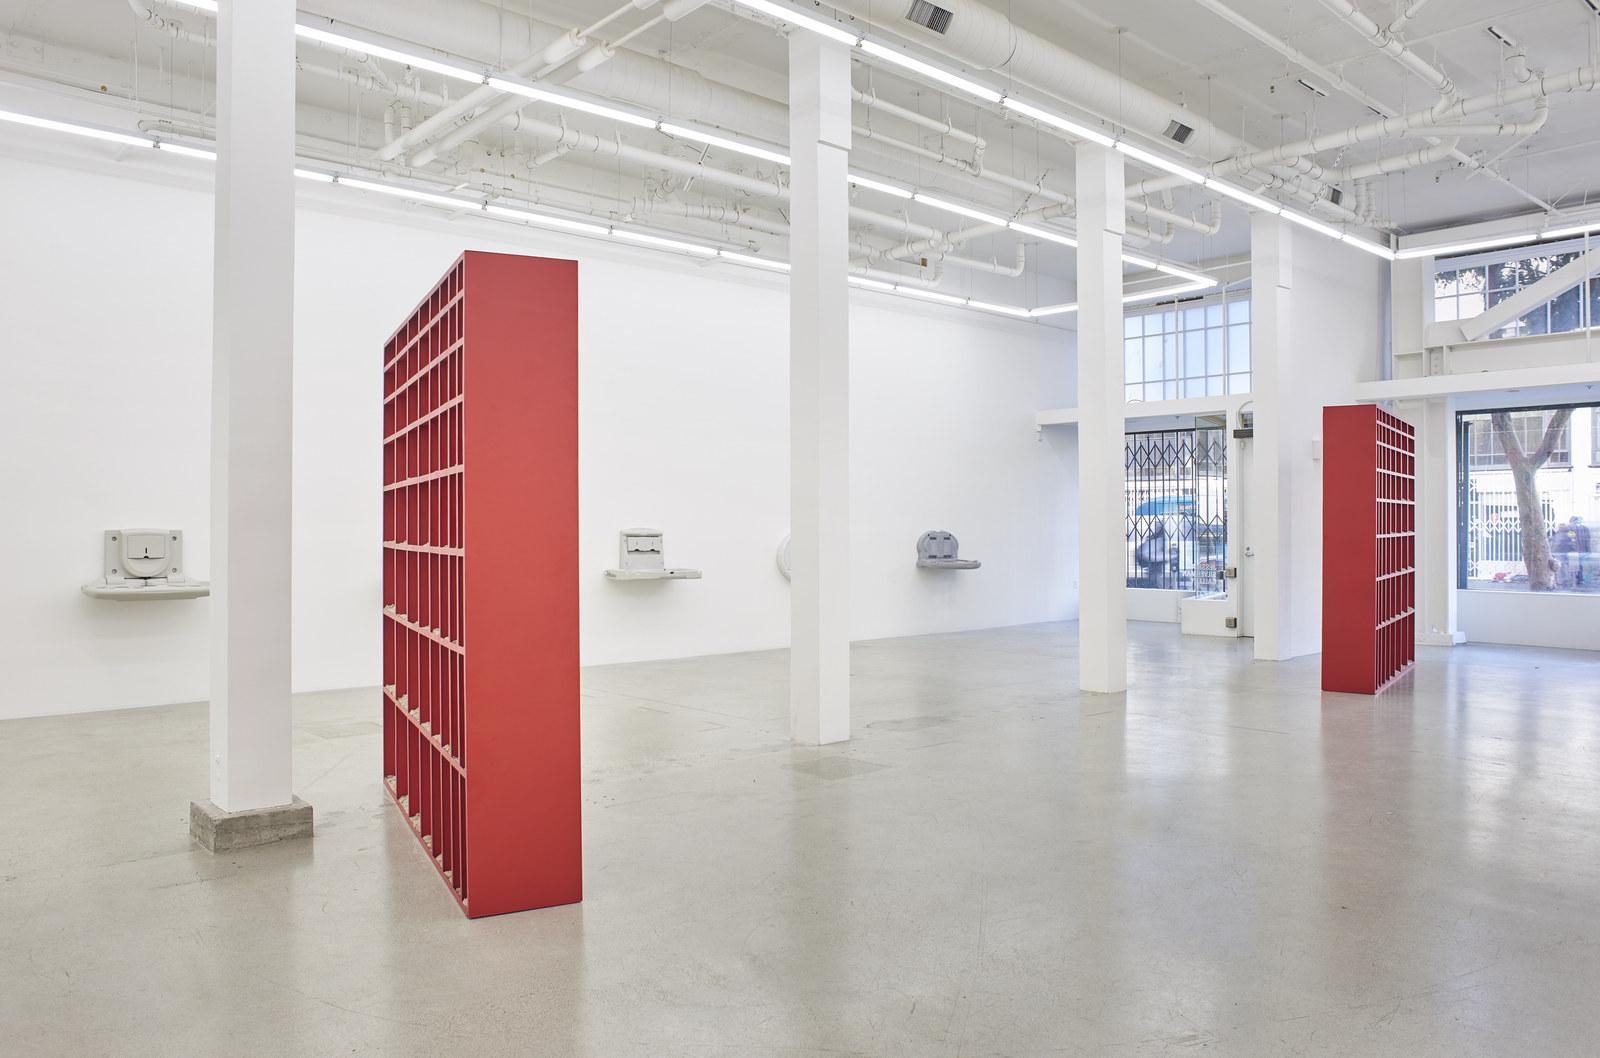 Wermers_Grundstück, 2017_Jessica Silverman Gallery_installation view_019